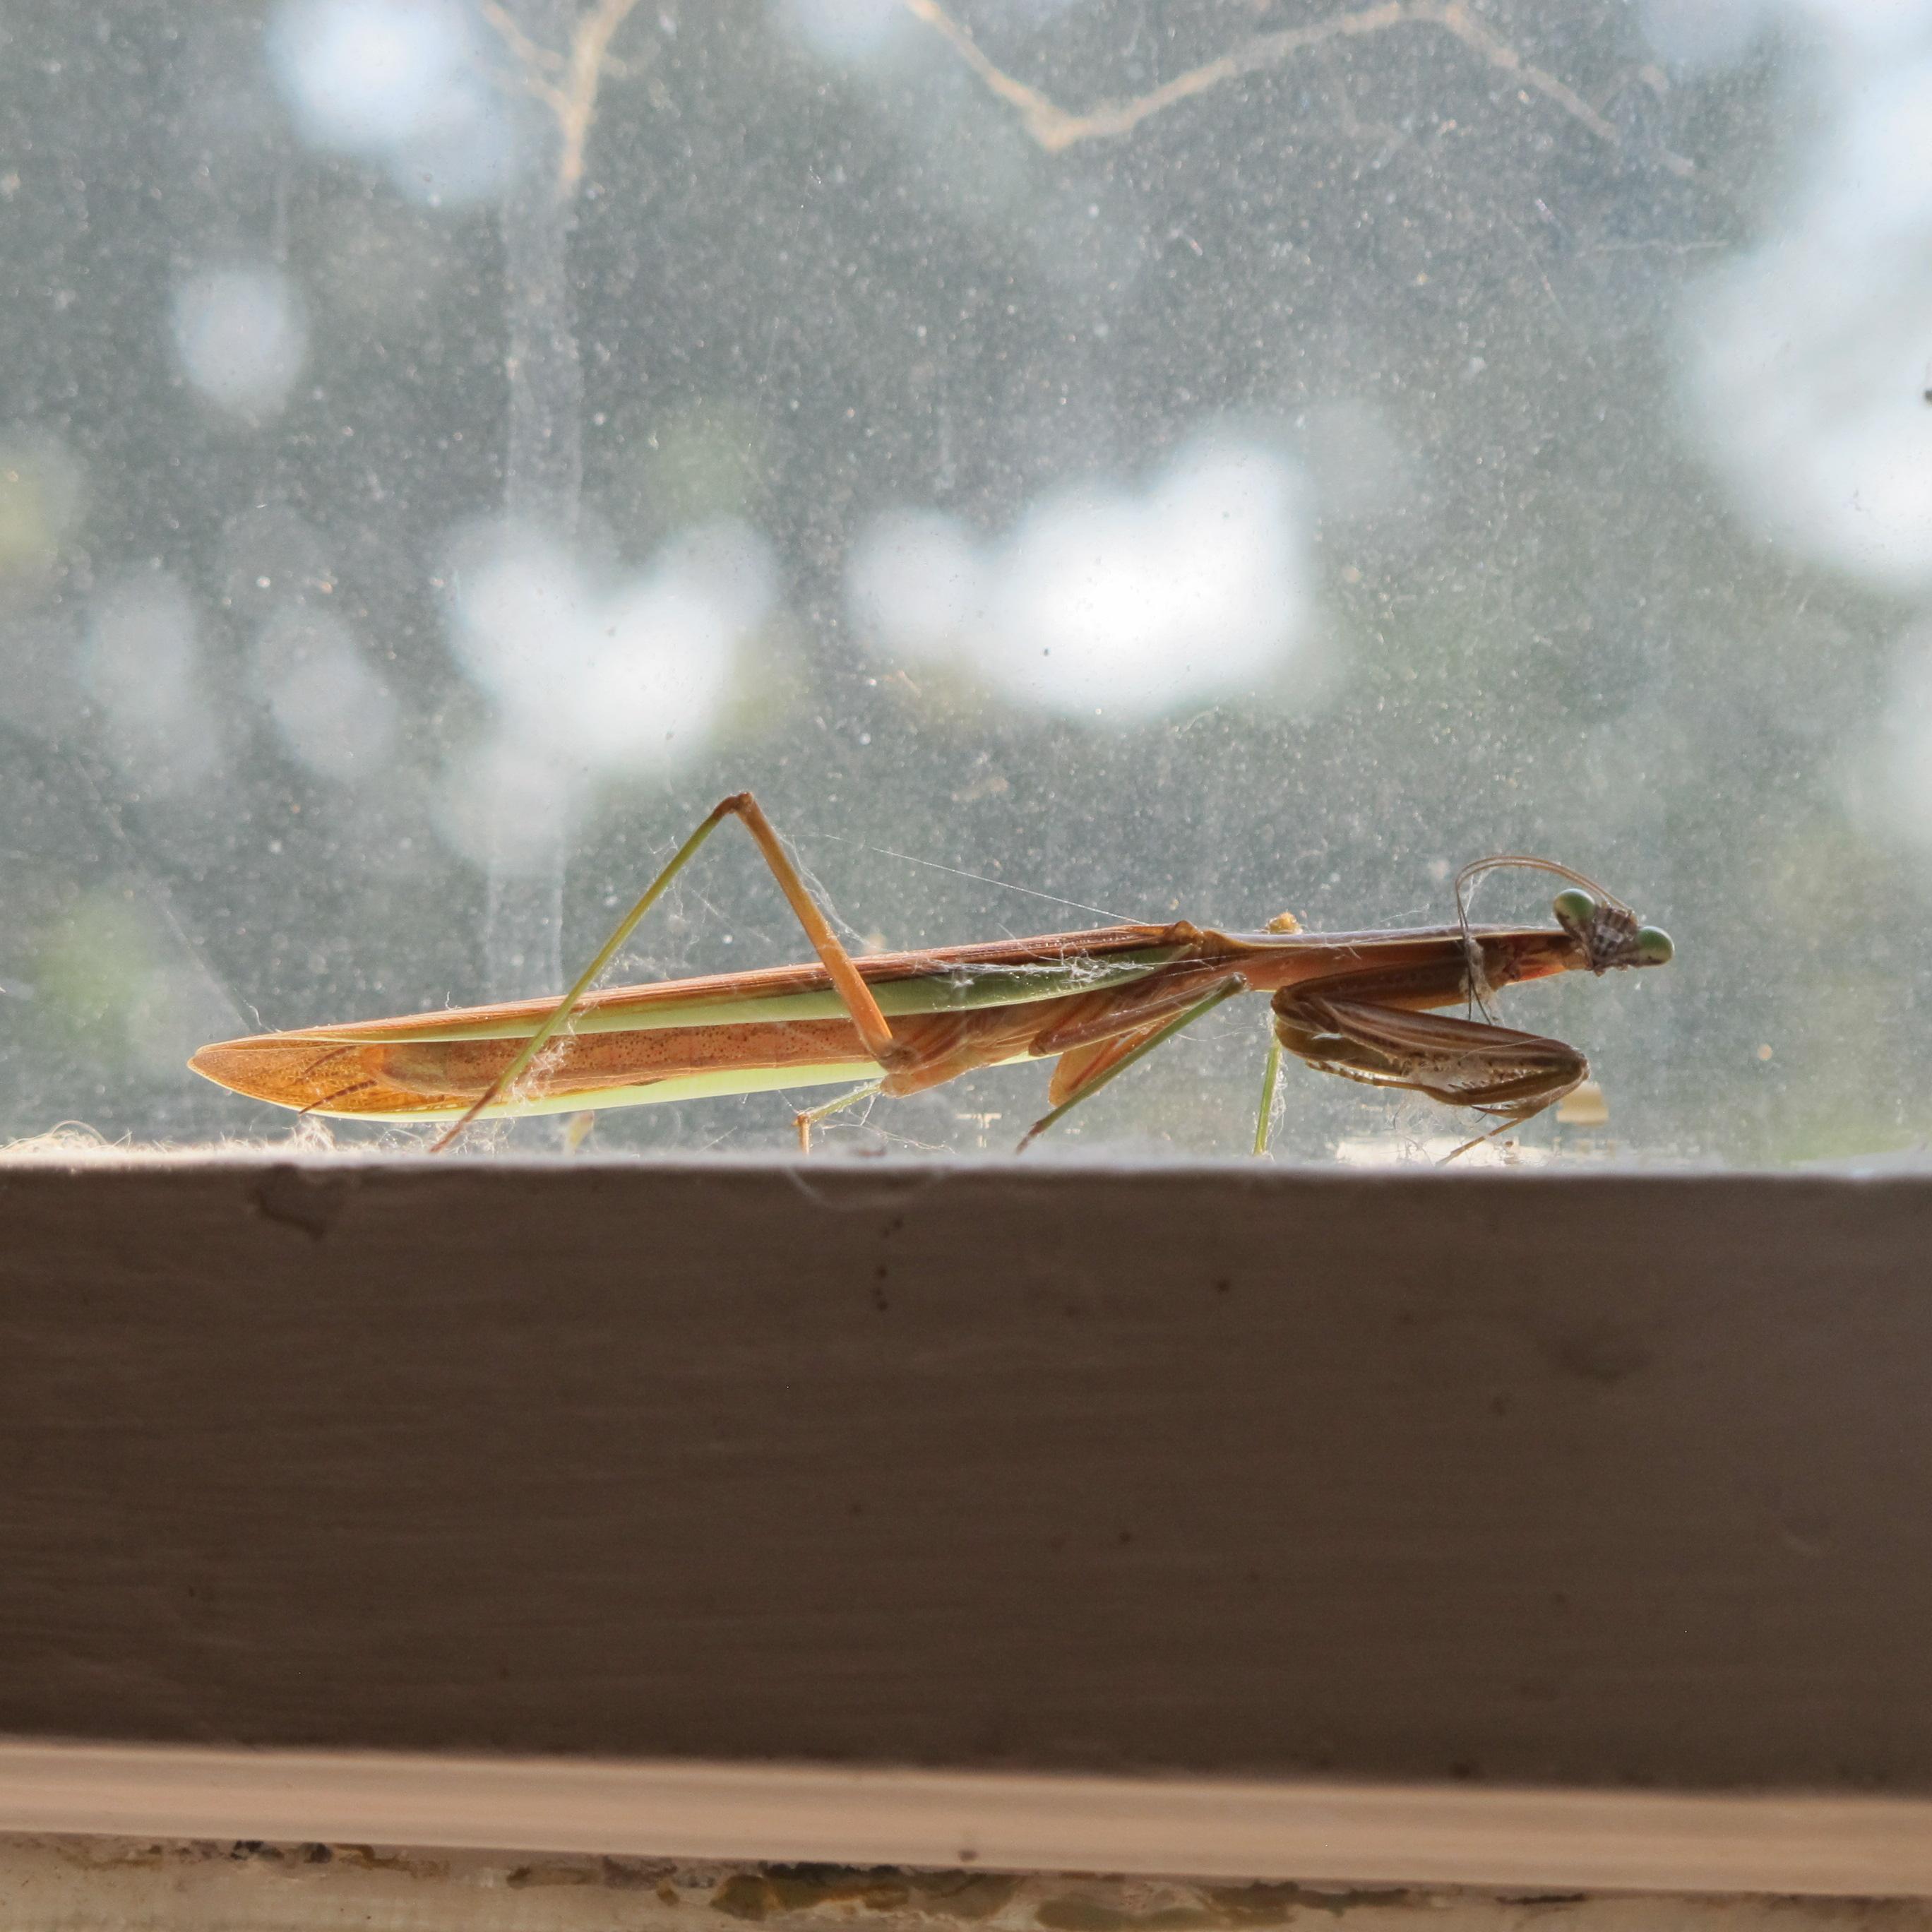 Indoor Praying Mantis